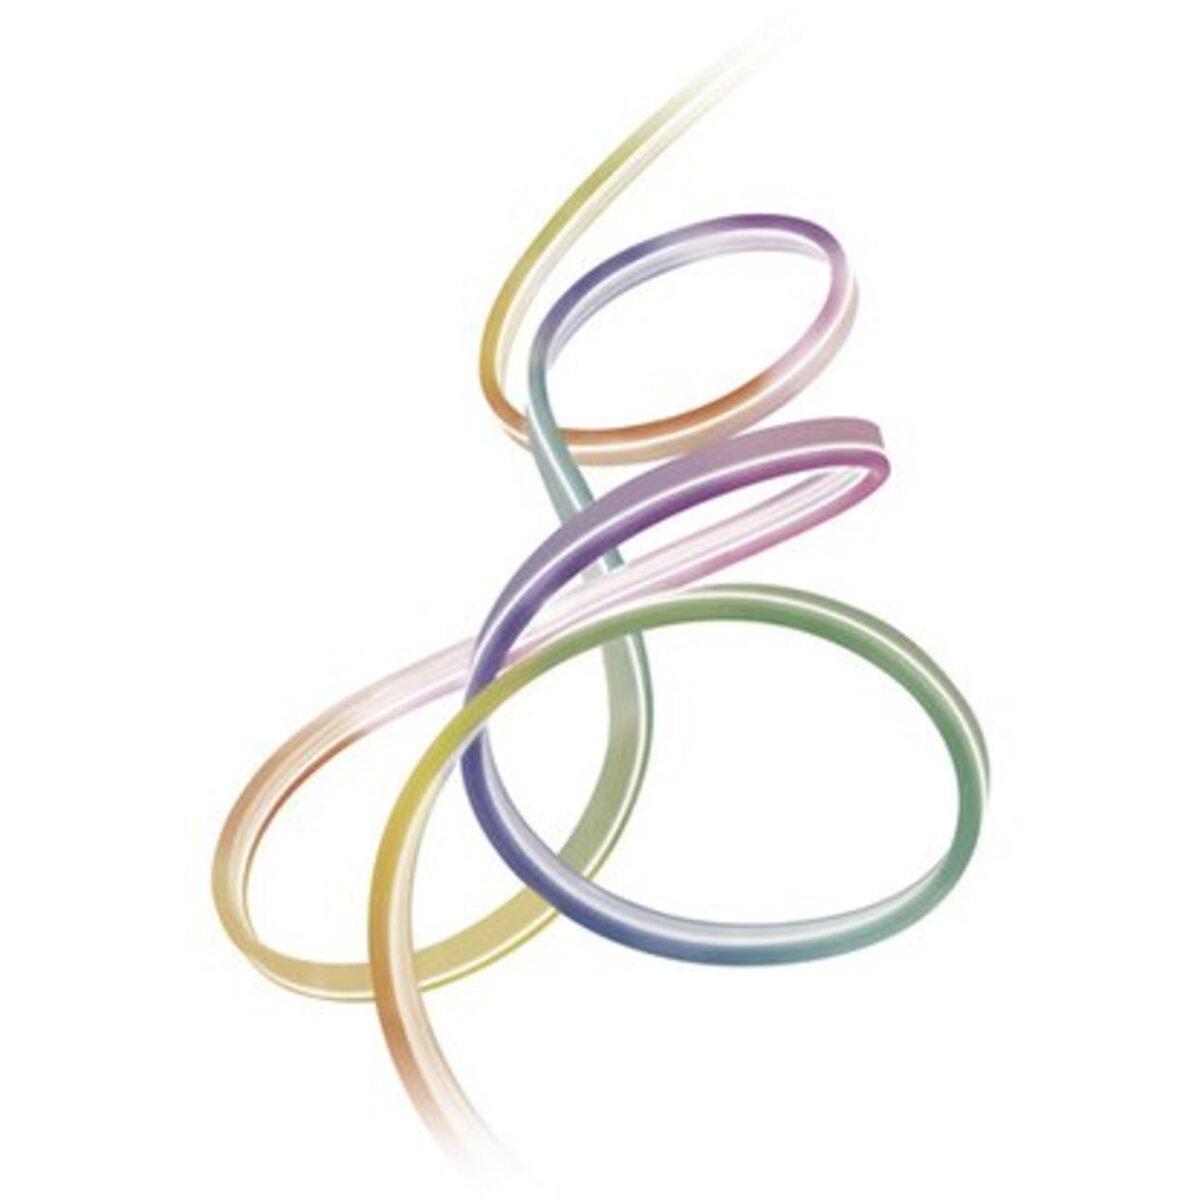 Bild 2 von Ledvance Smart+WiFi Flexband Neonflex Außenbereich 3 Meter Farbwechsel